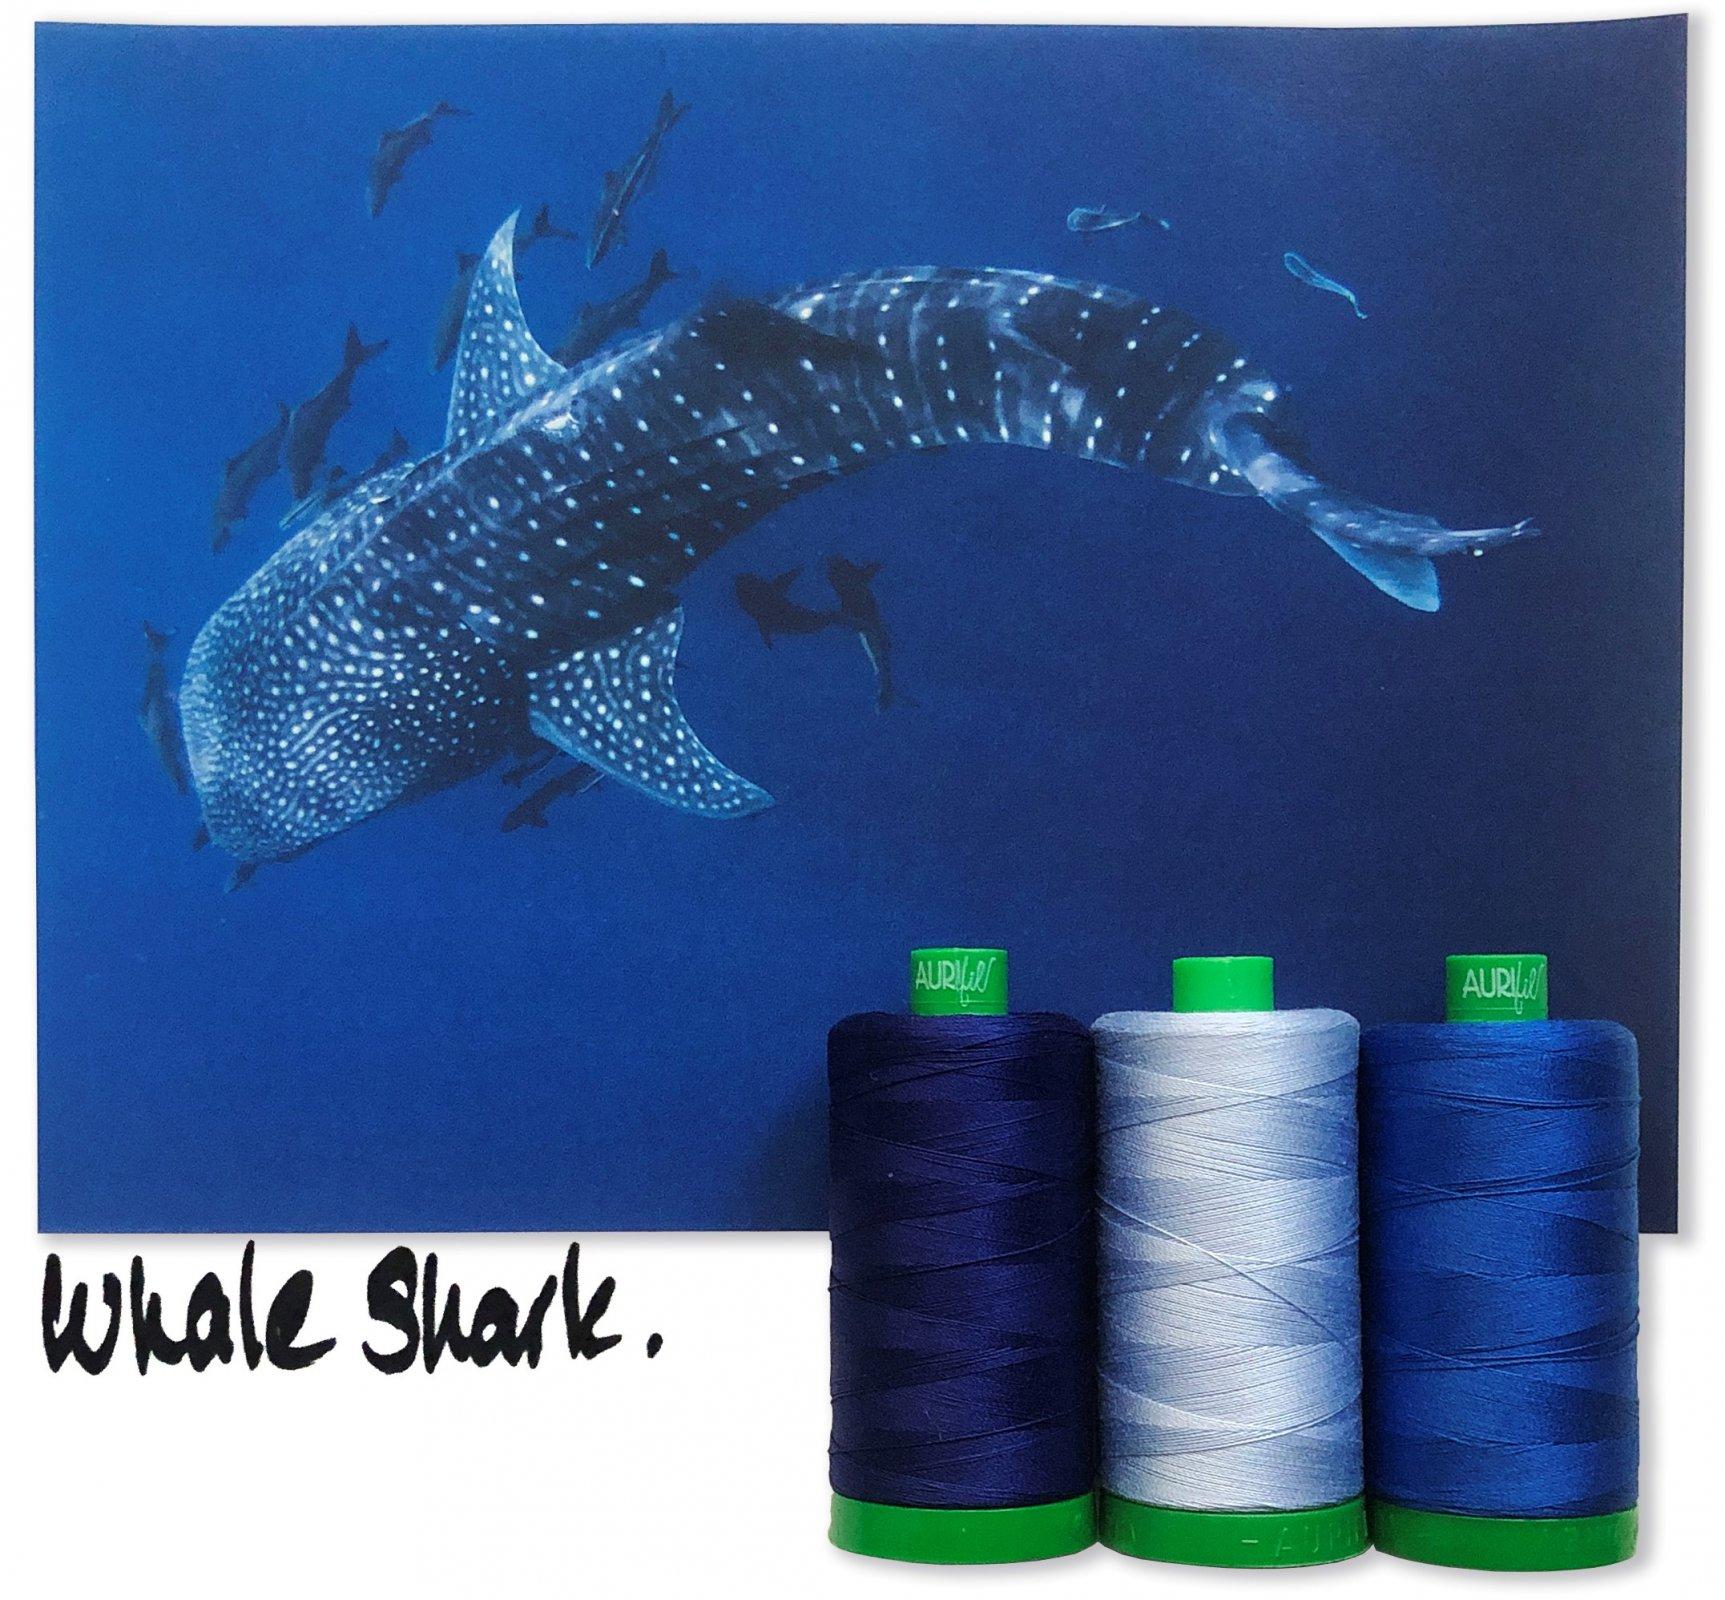 Aurifil 40wt Color Builder Mo. 6 Blue Whale Shark